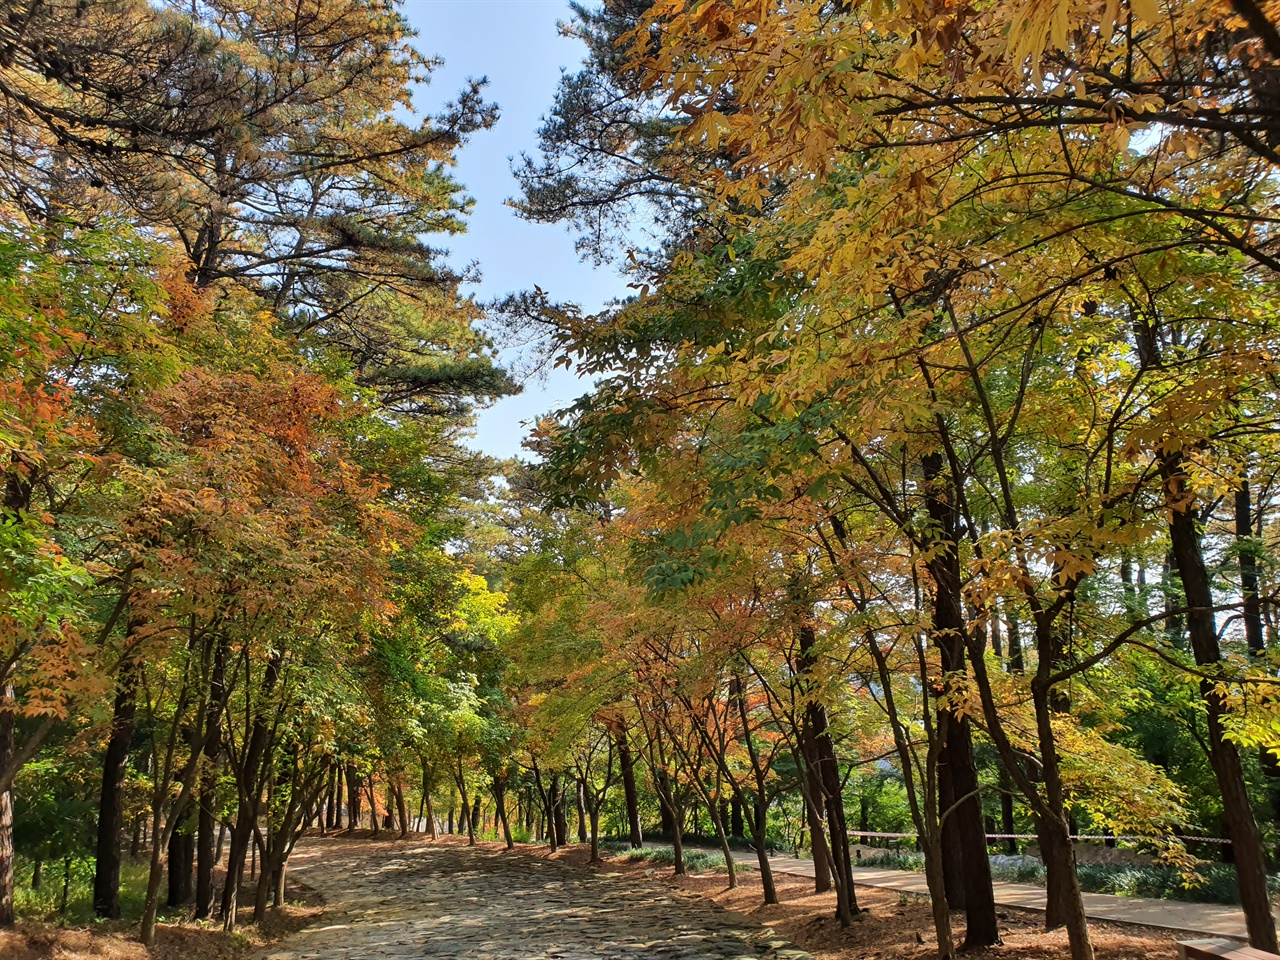 천년의 숲. 백제 왕족의 후원다운 기품이 느껴지는 단풍 숲